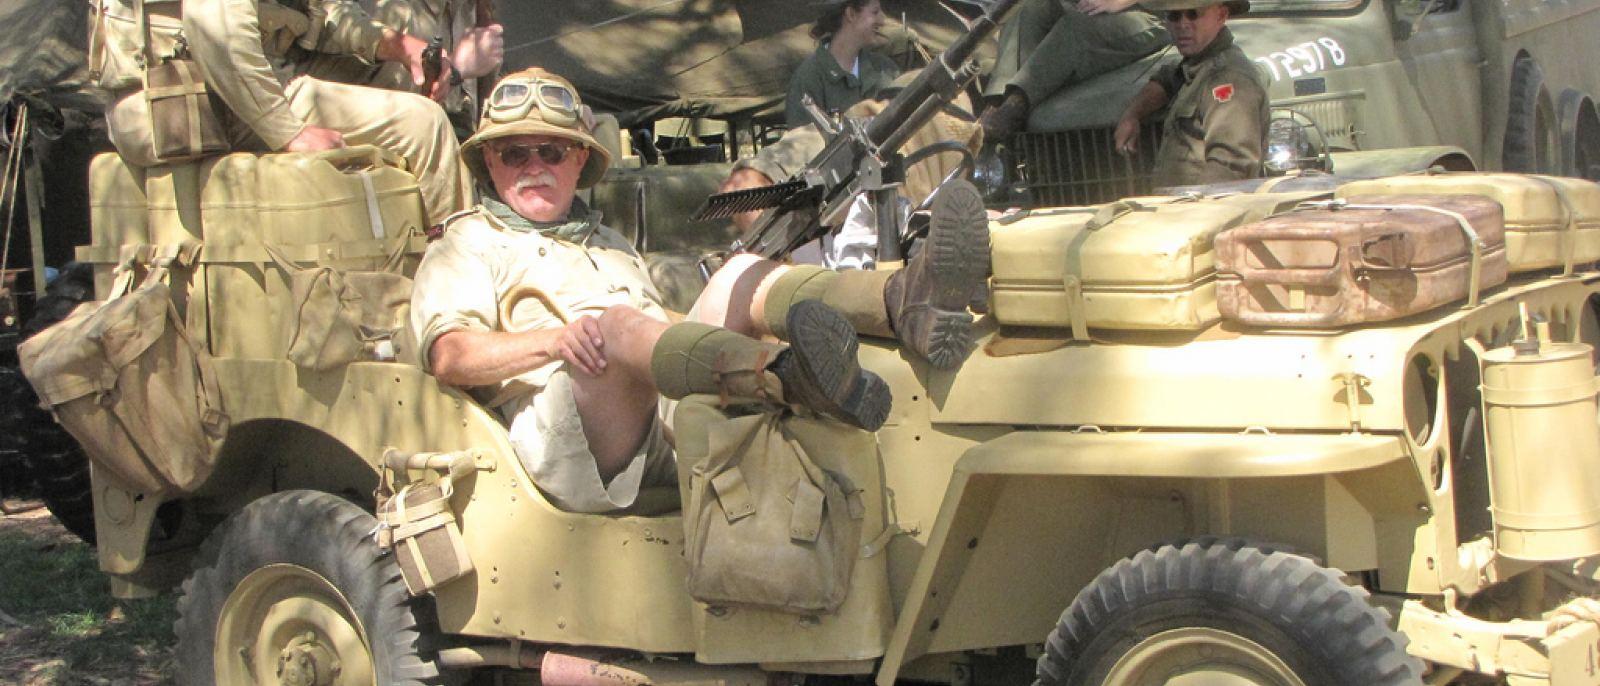 Fort MacArthur Museum WWII Reenactors